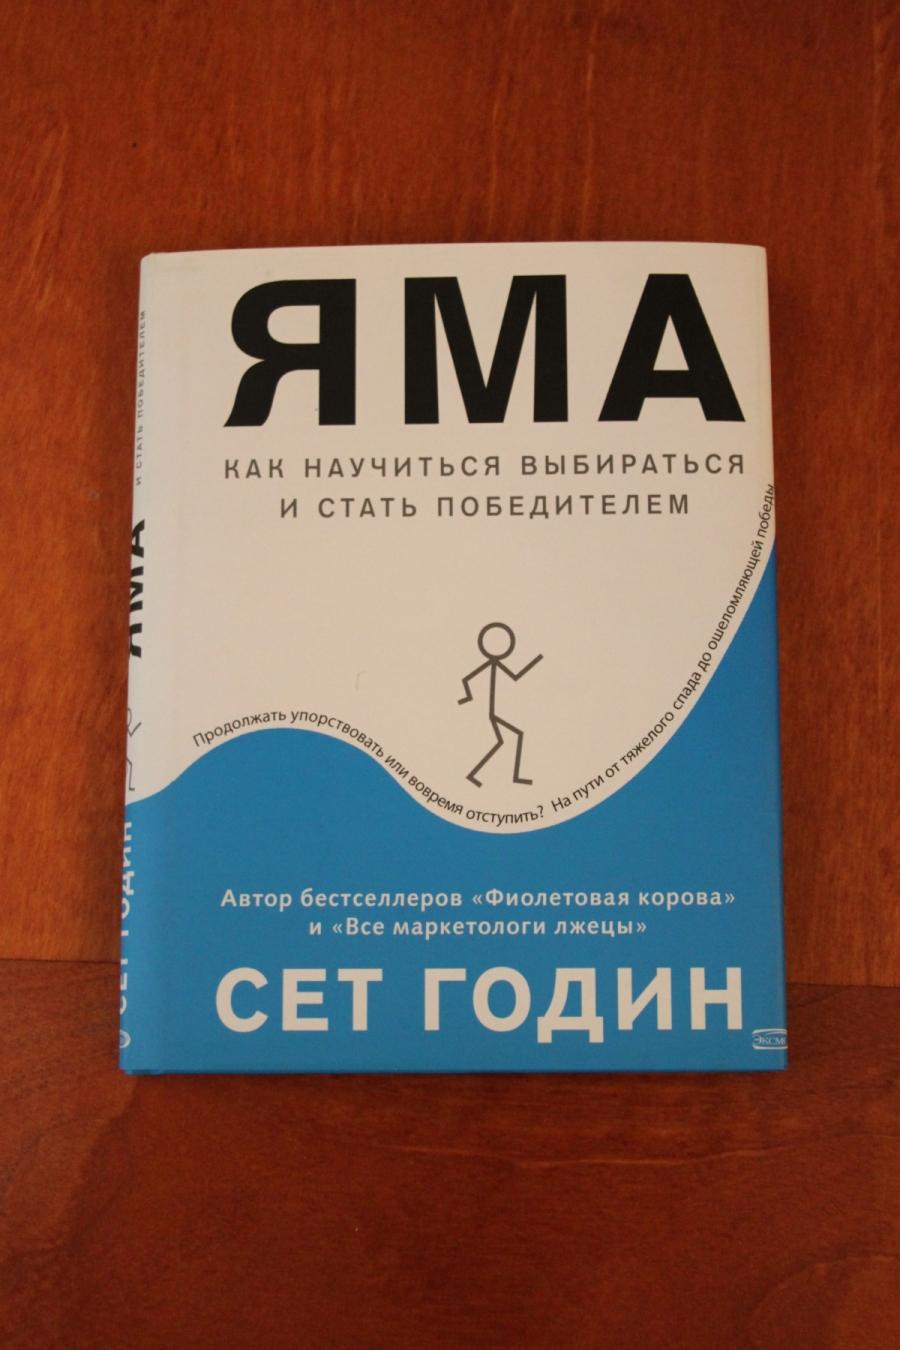 Обложка книги:  годин сет - яма как научиться выбираться и стать победителем.